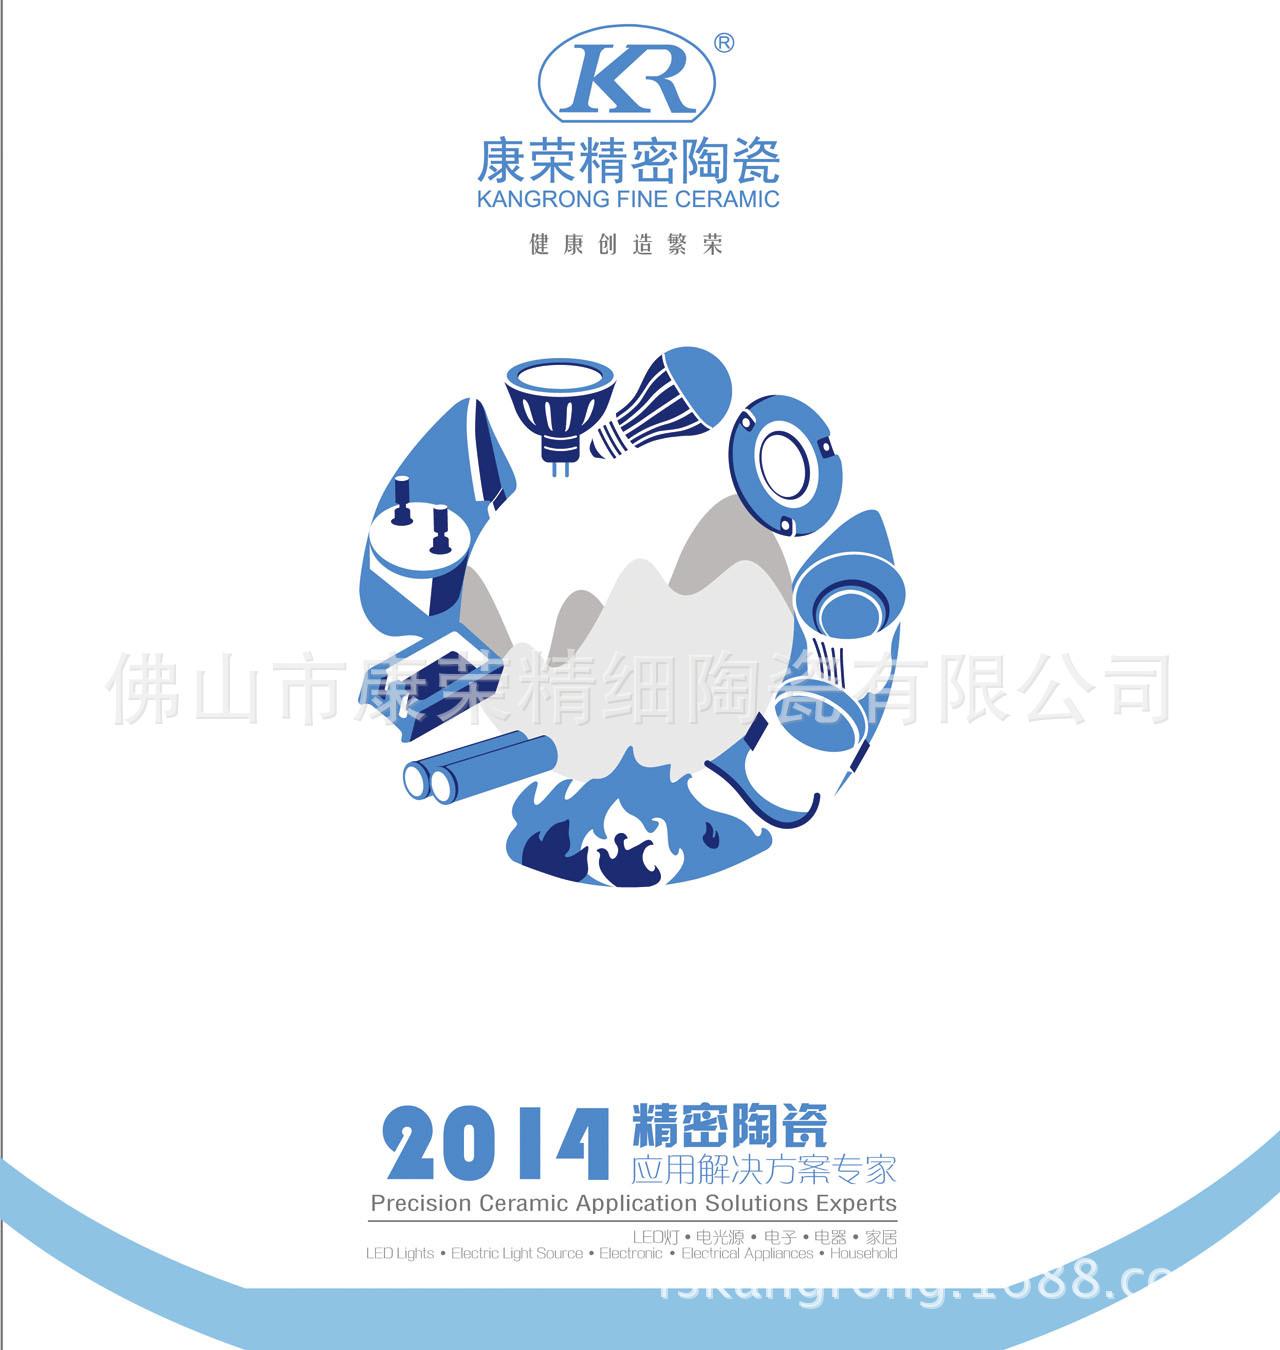 2014-05-21 康荣产品综合目录封面2-2-1